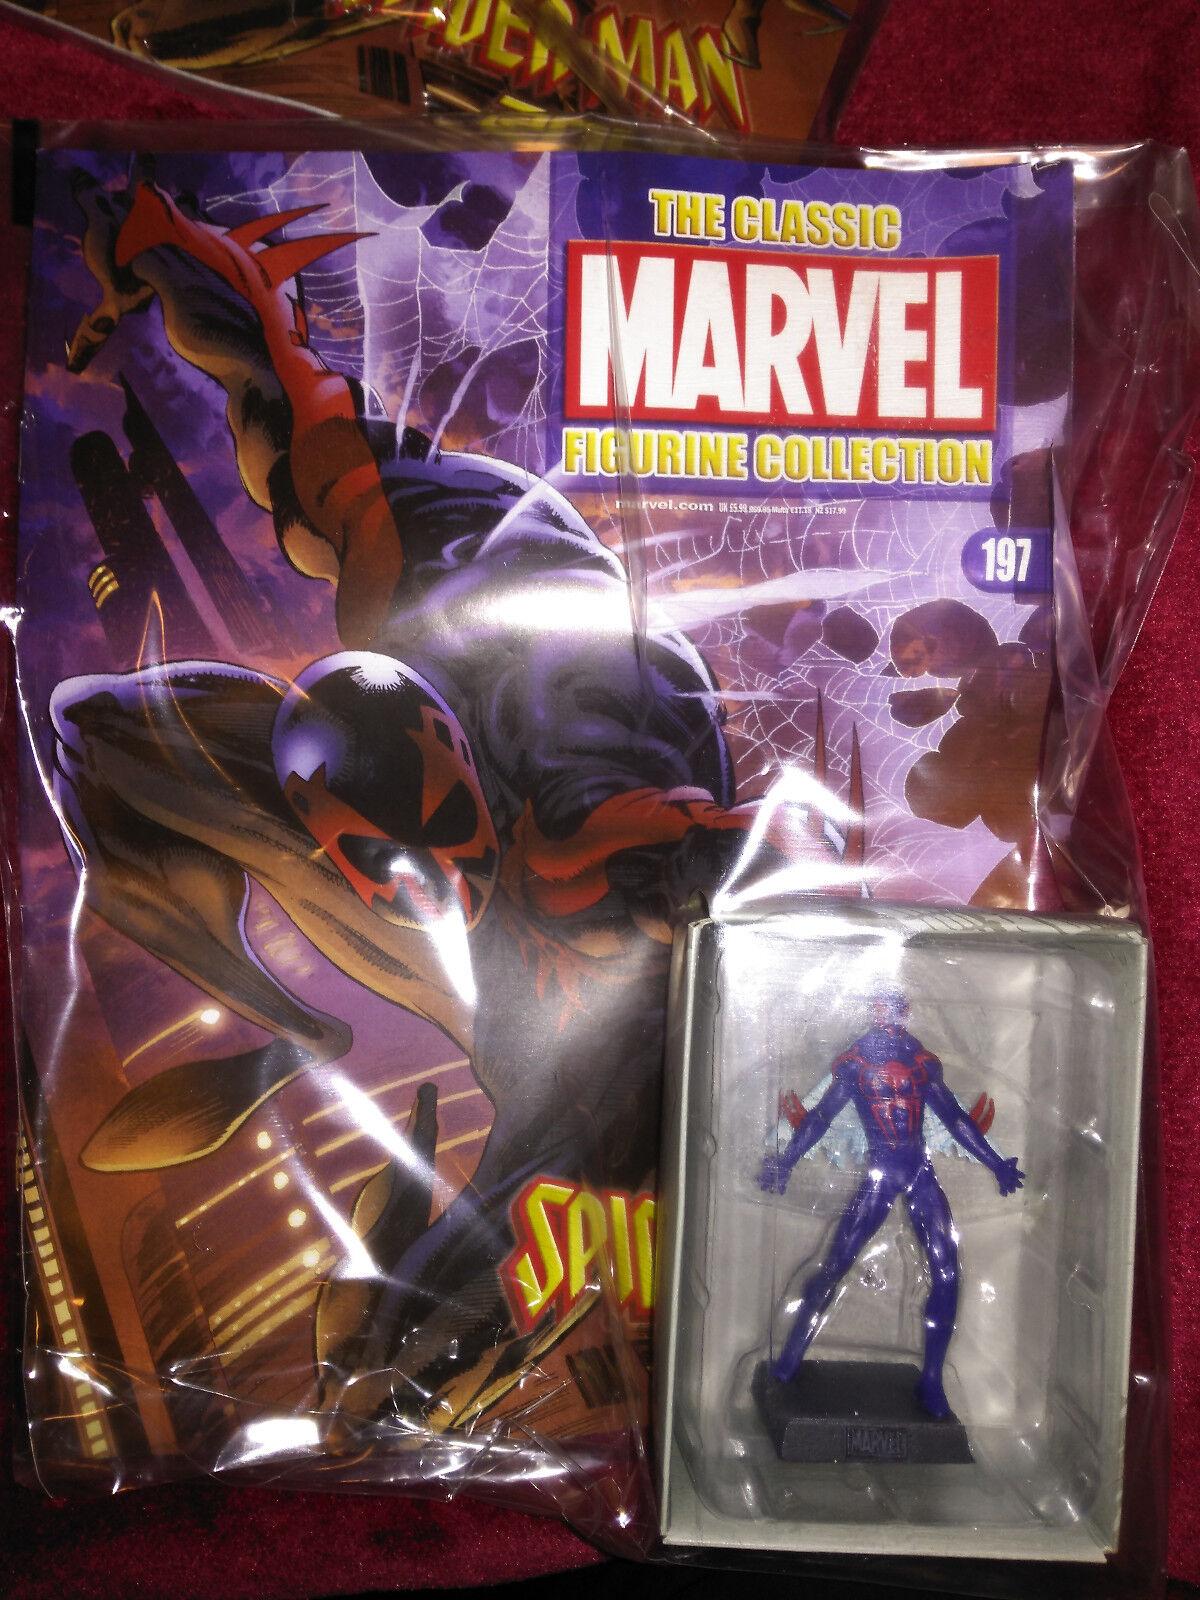 Selten, eaglemoss, klassische marvel 'sammlung, thema 197  spider - man 2099